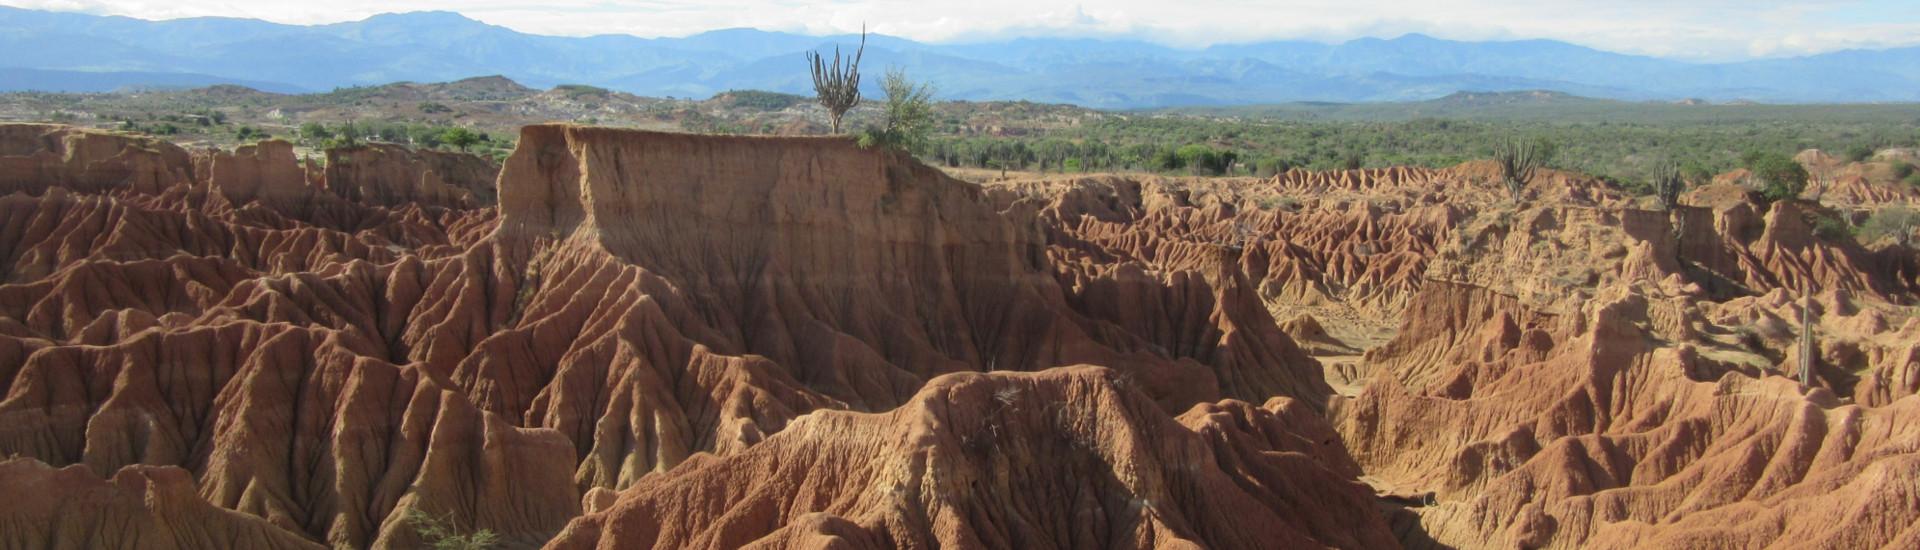 Desierto de la Tatacoa - Villavieja (Subregion Norte)